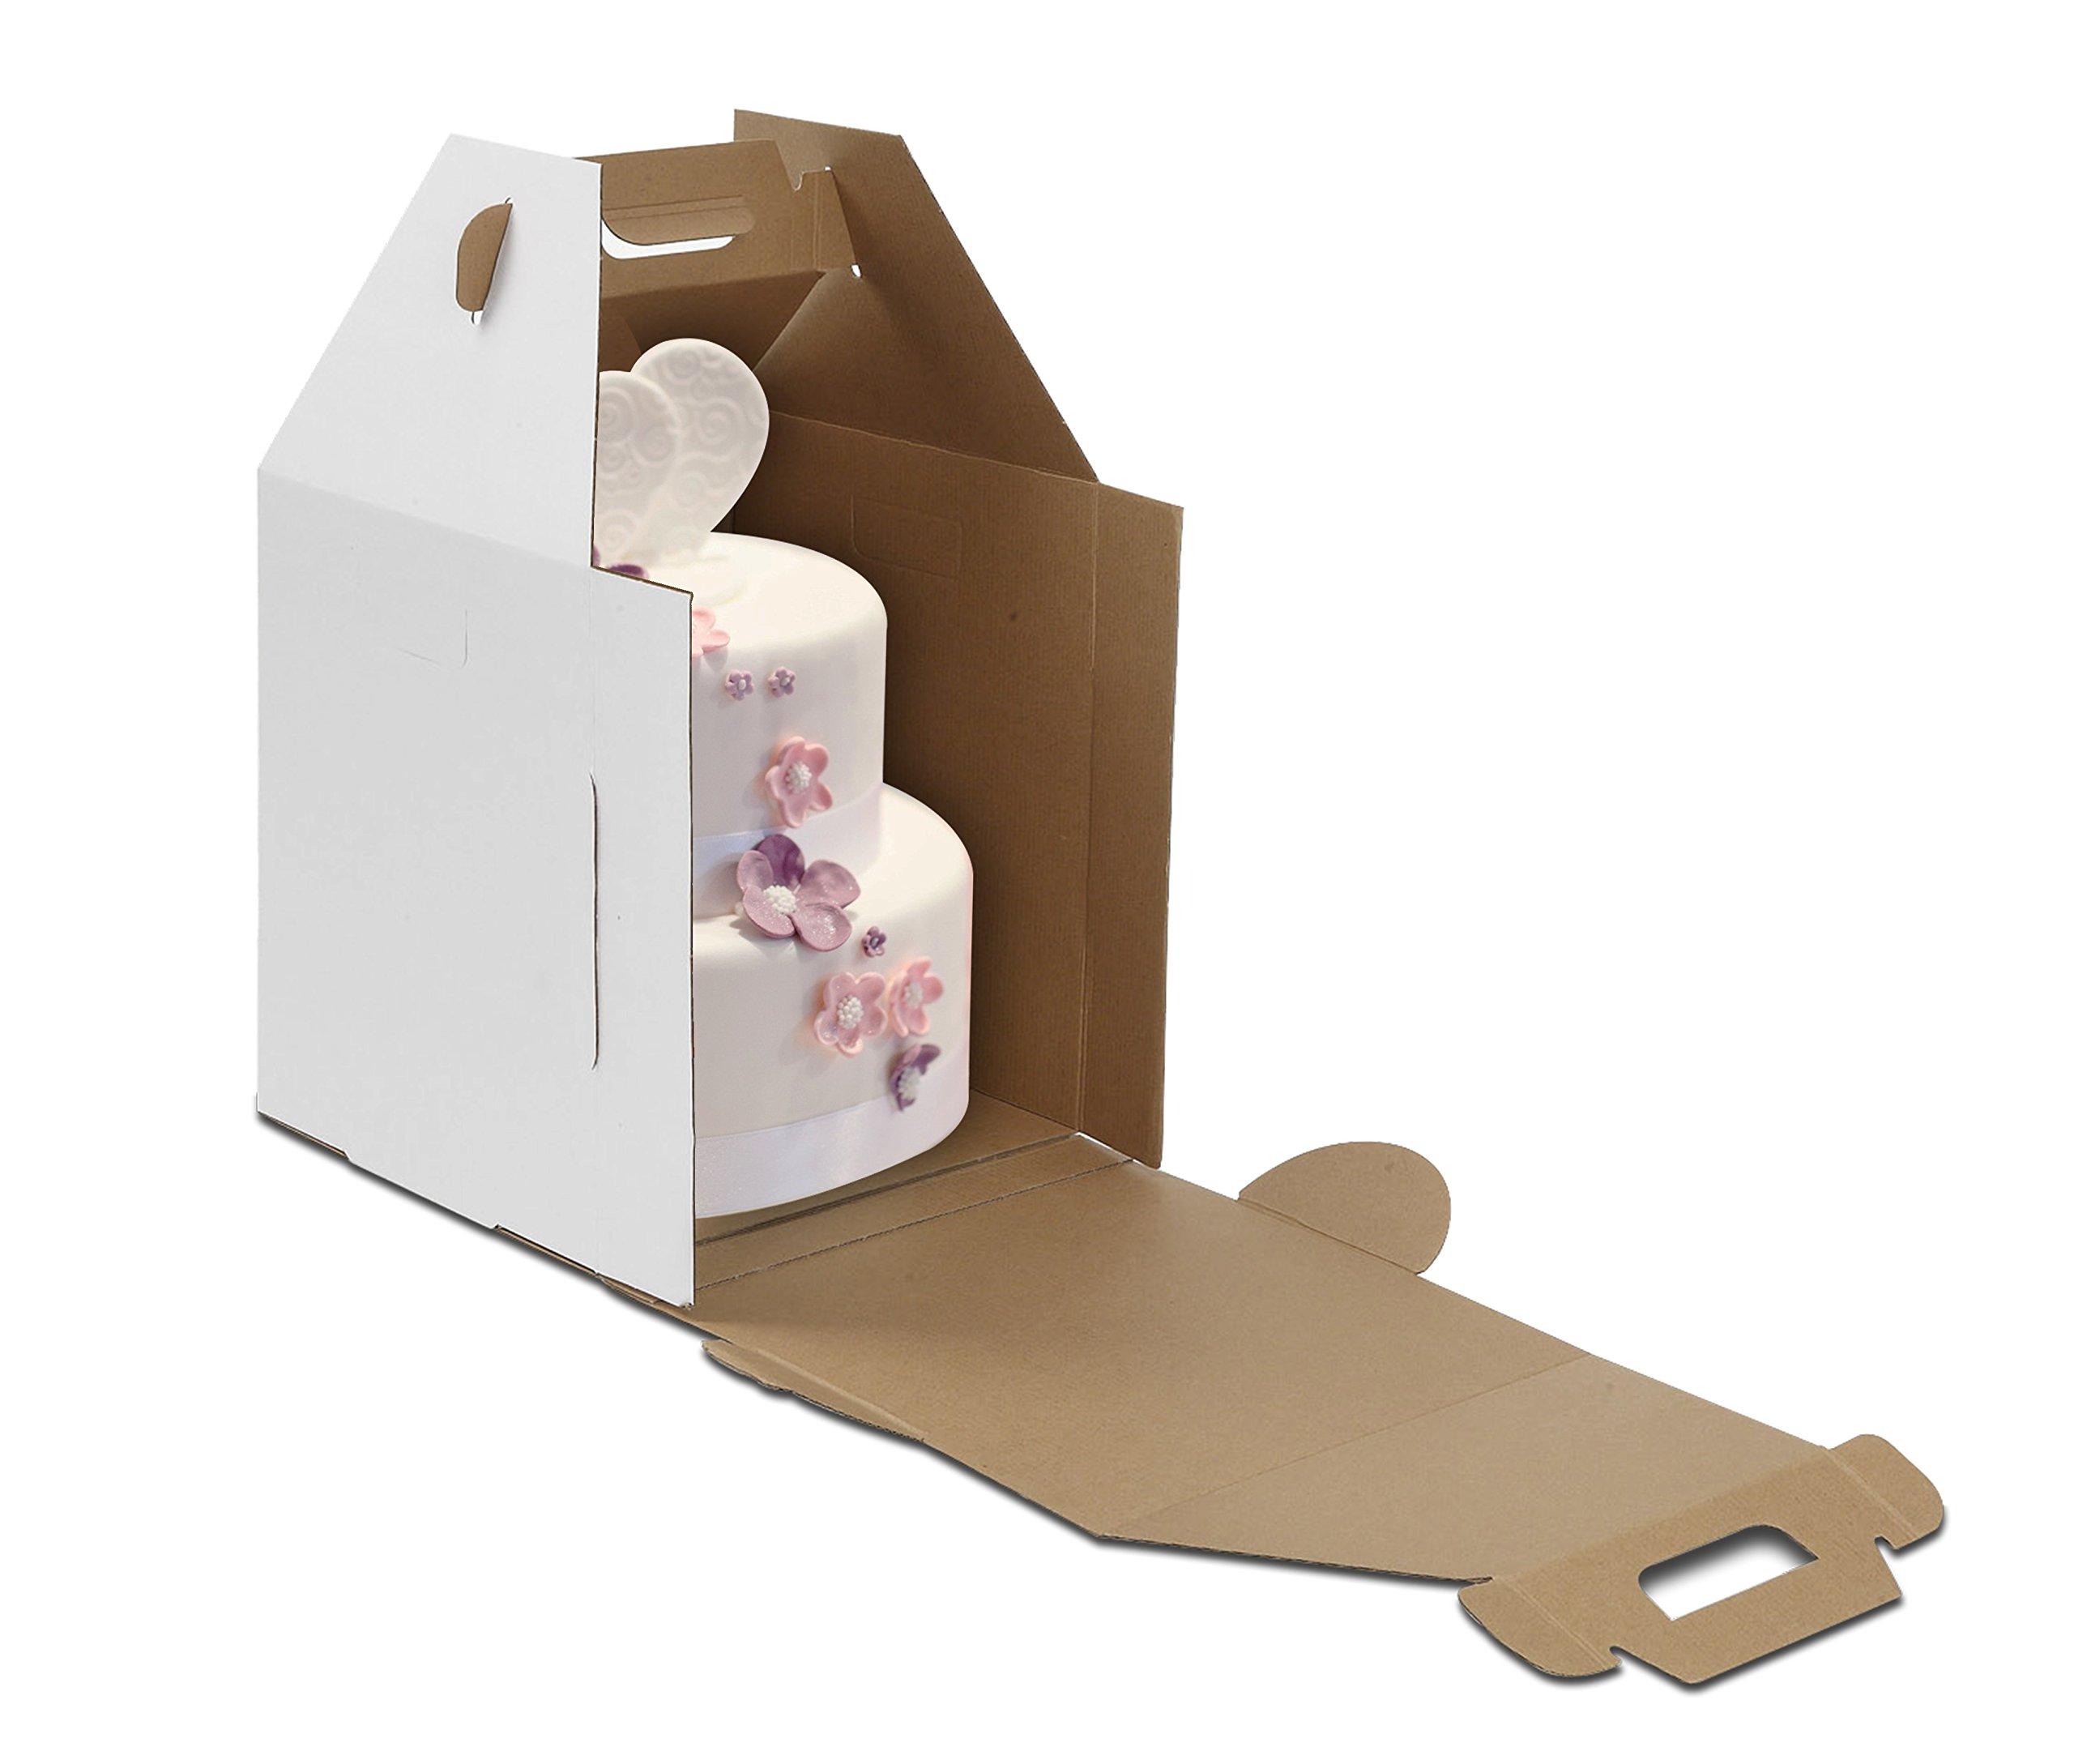 W PACKAGING WPTC1820WK 18x18x20 White/Kraft Plain Tiered Cake Box, No Window, Lock Corner, B-Flute (Pack of 10)